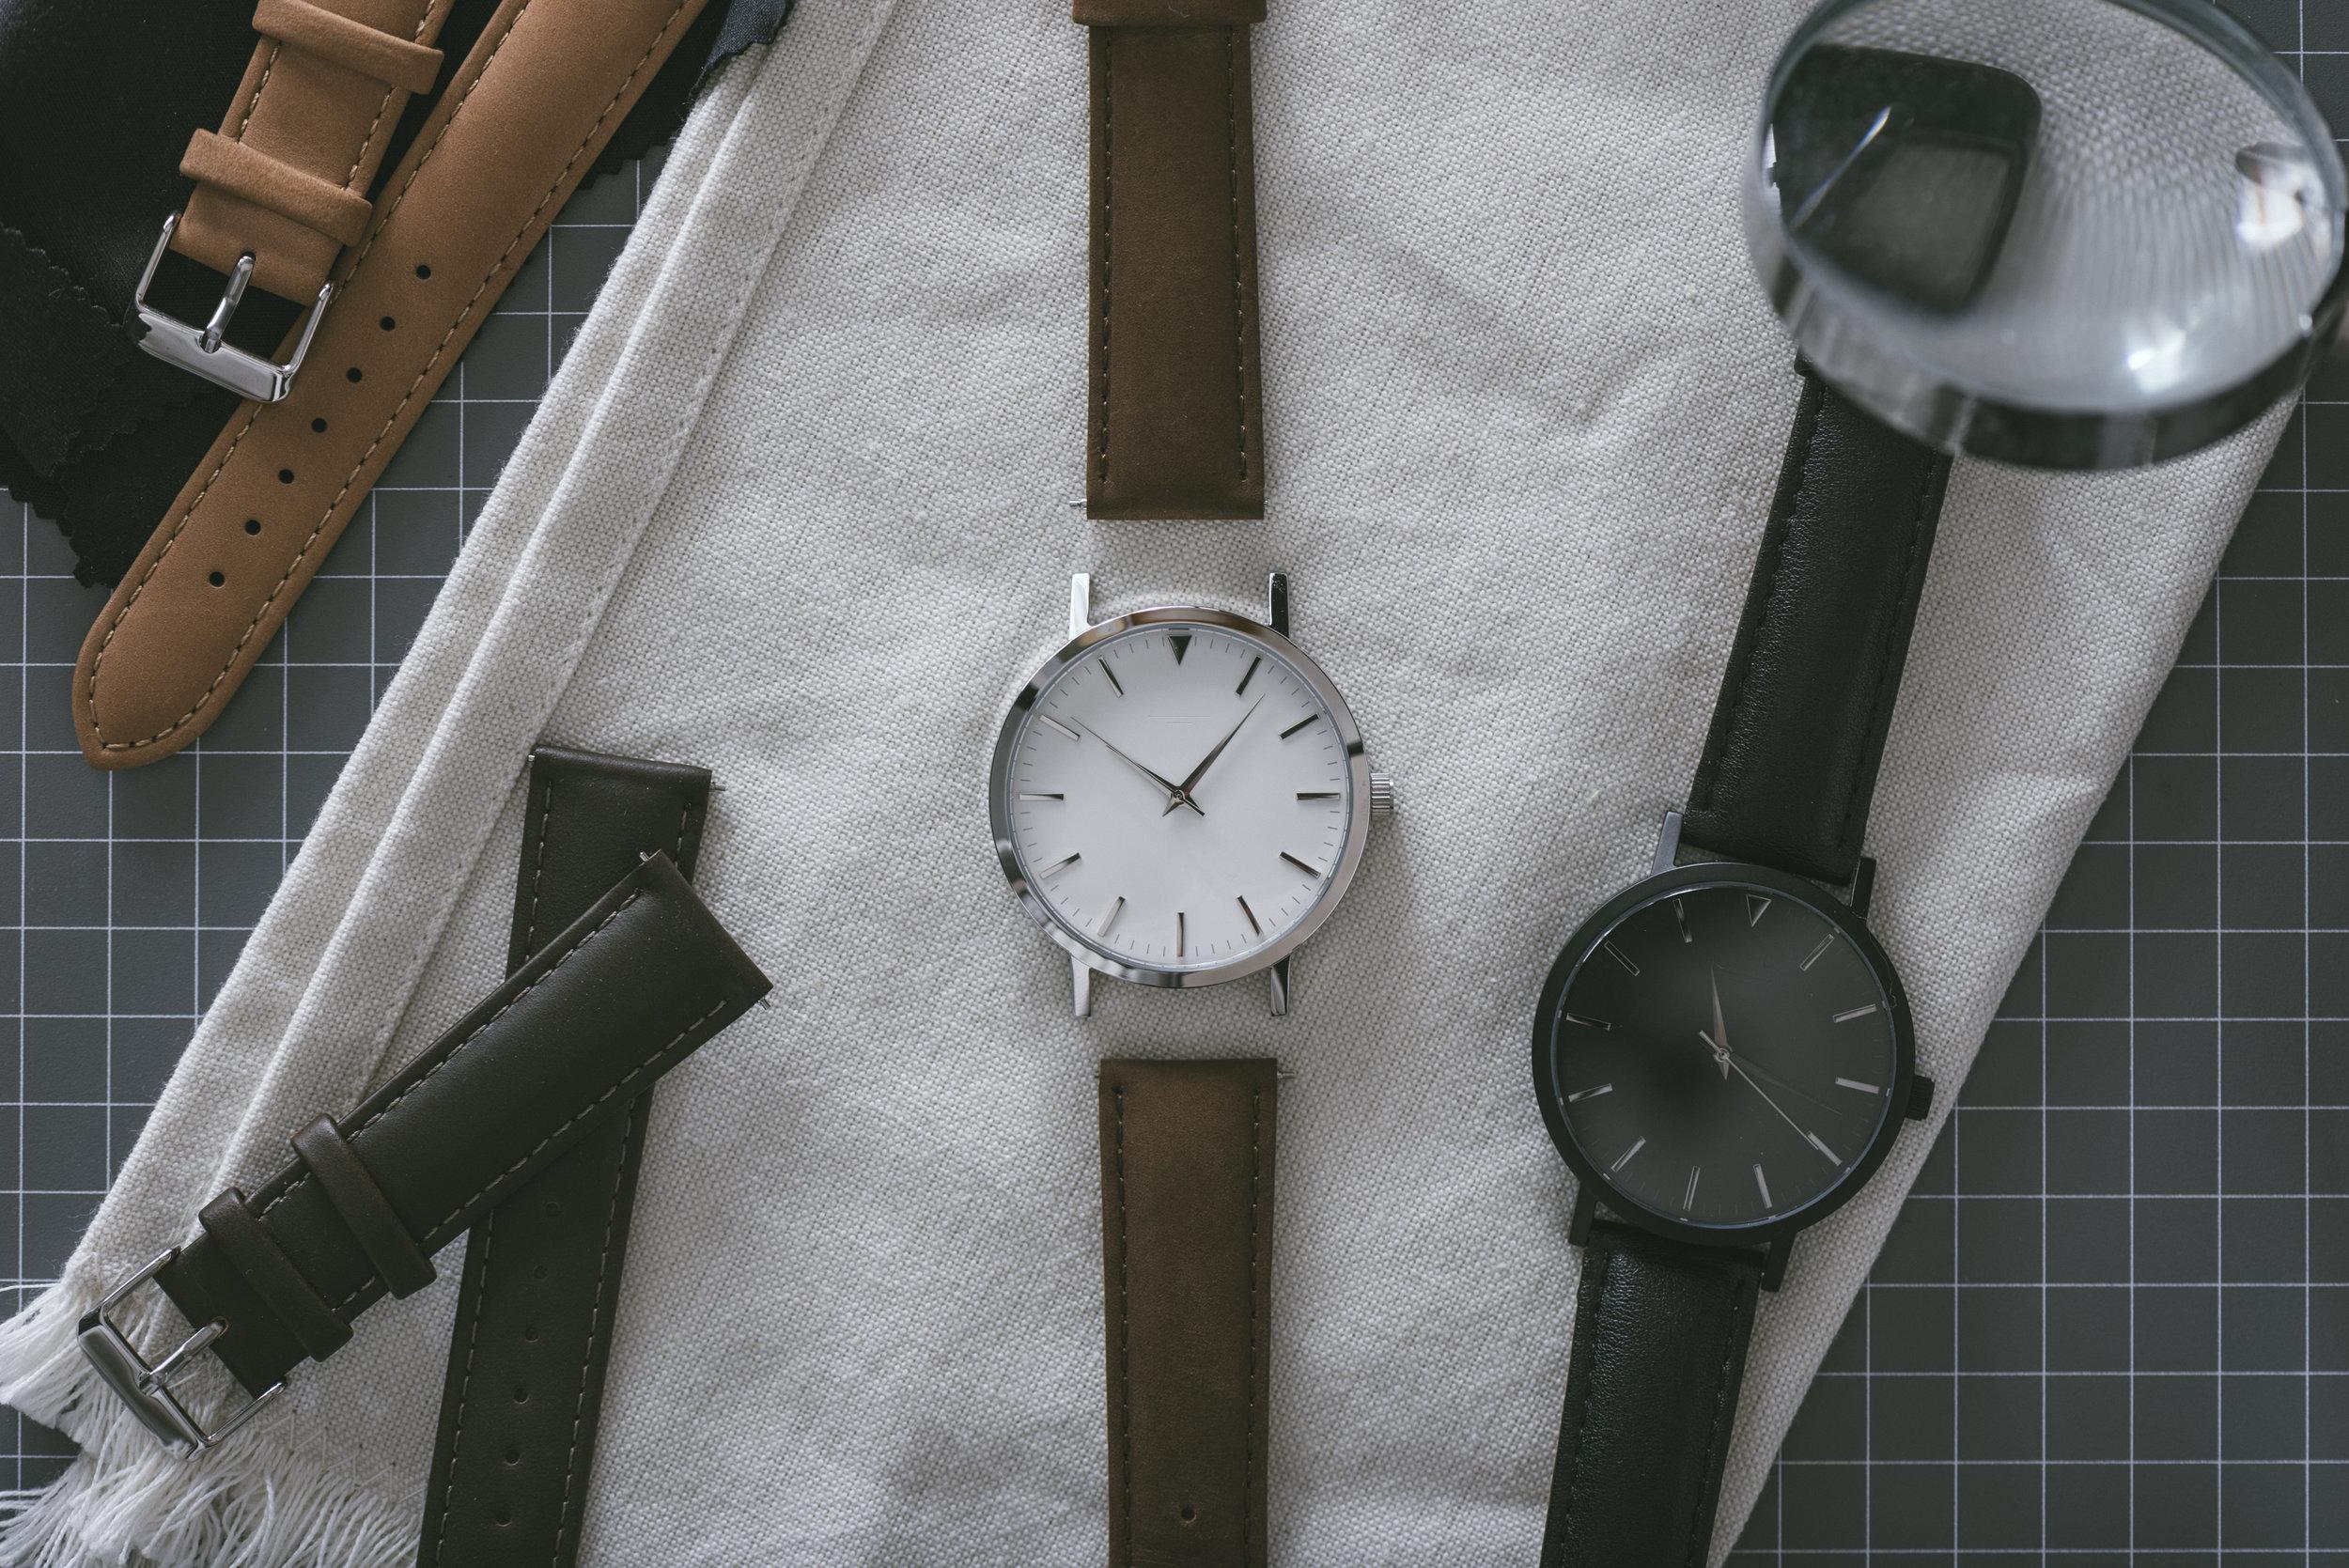 Lok-SleekSupplyCo-Product2-3.jpg